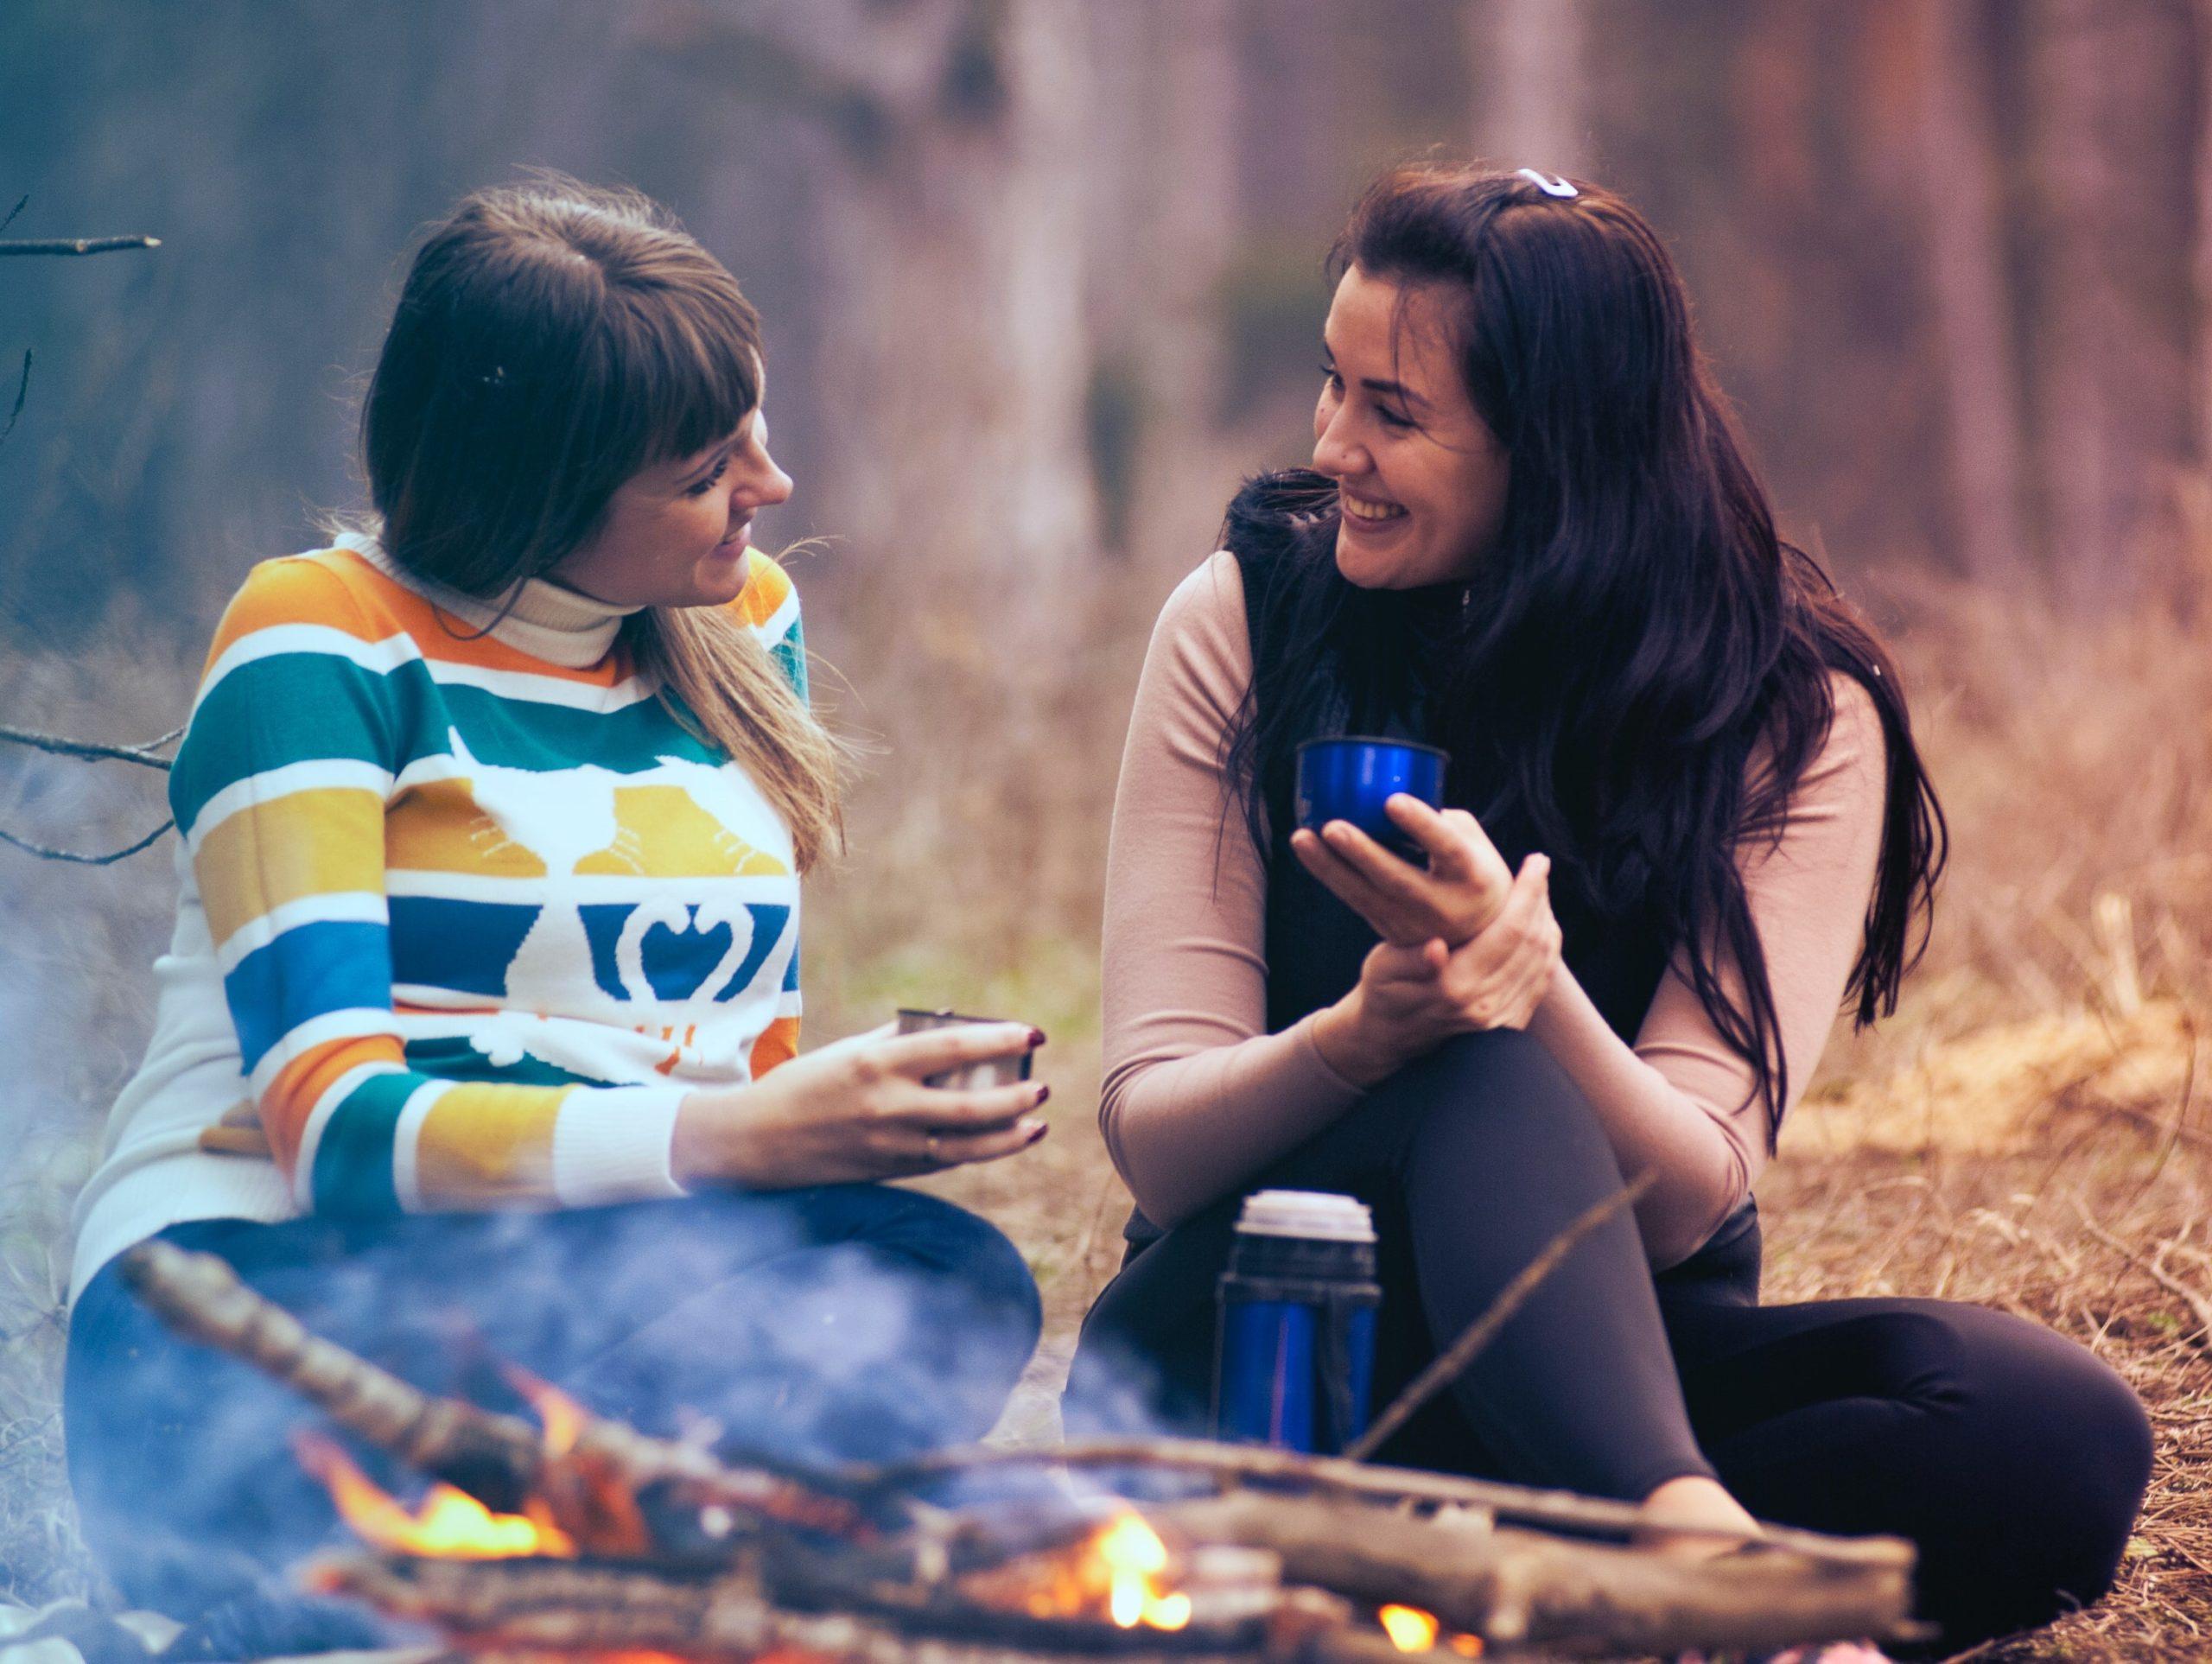 Zwei Frauen unterhalten sich sitzend am Lagerfeuer